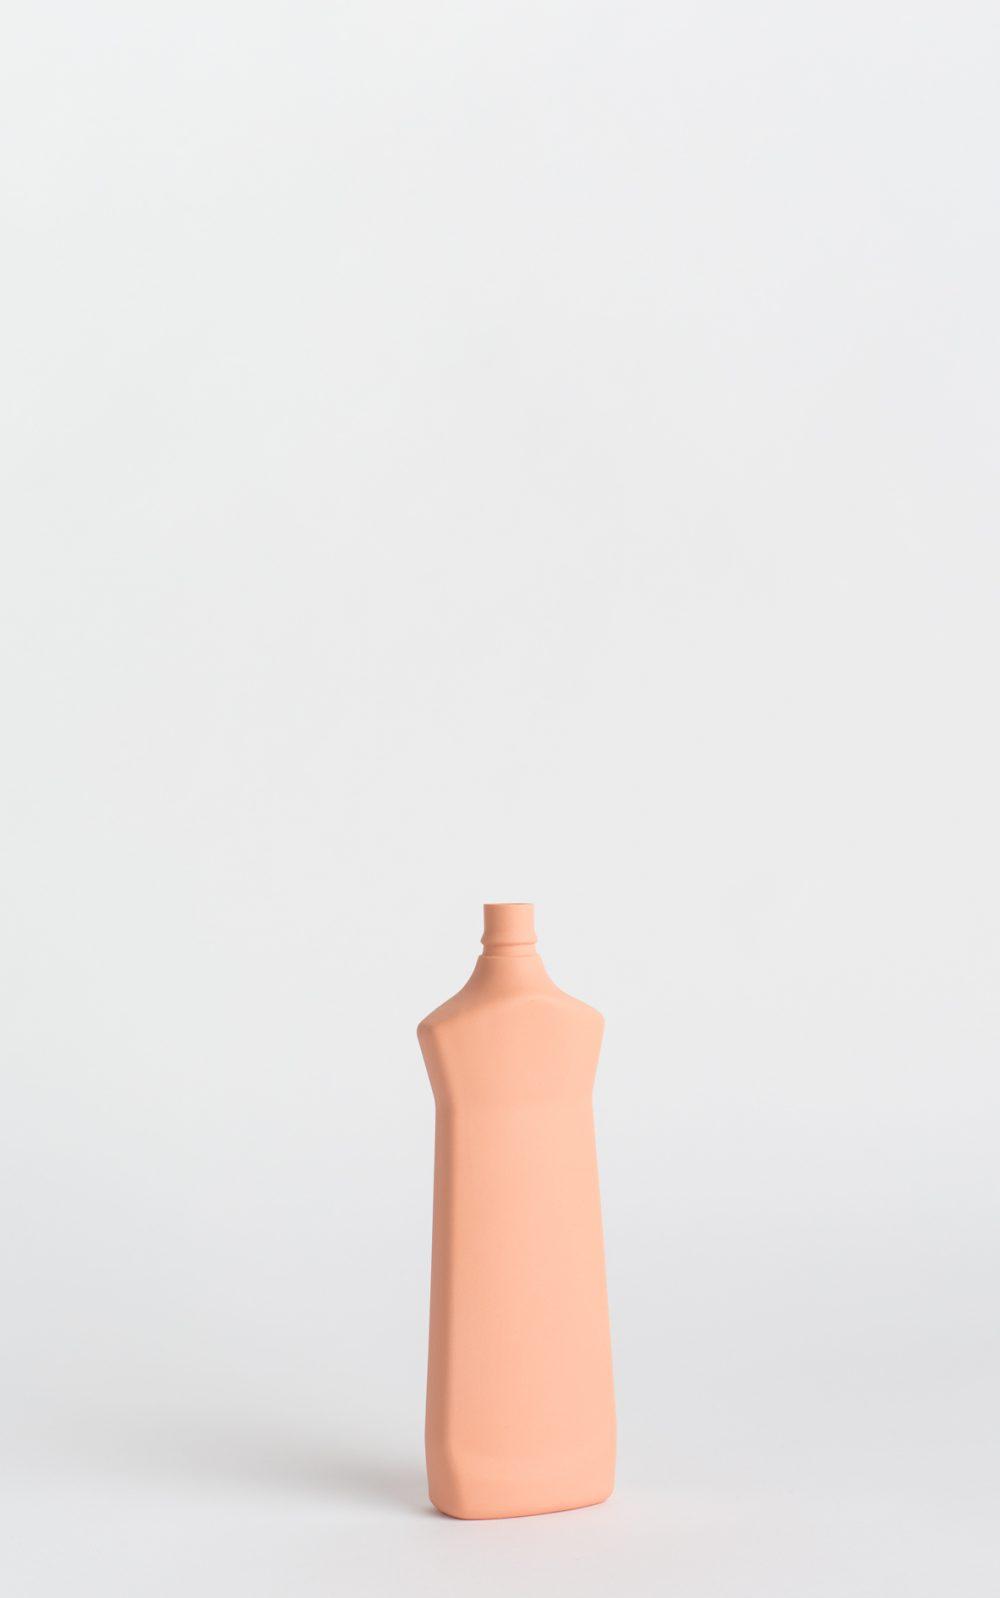 bottle vase #1 orange